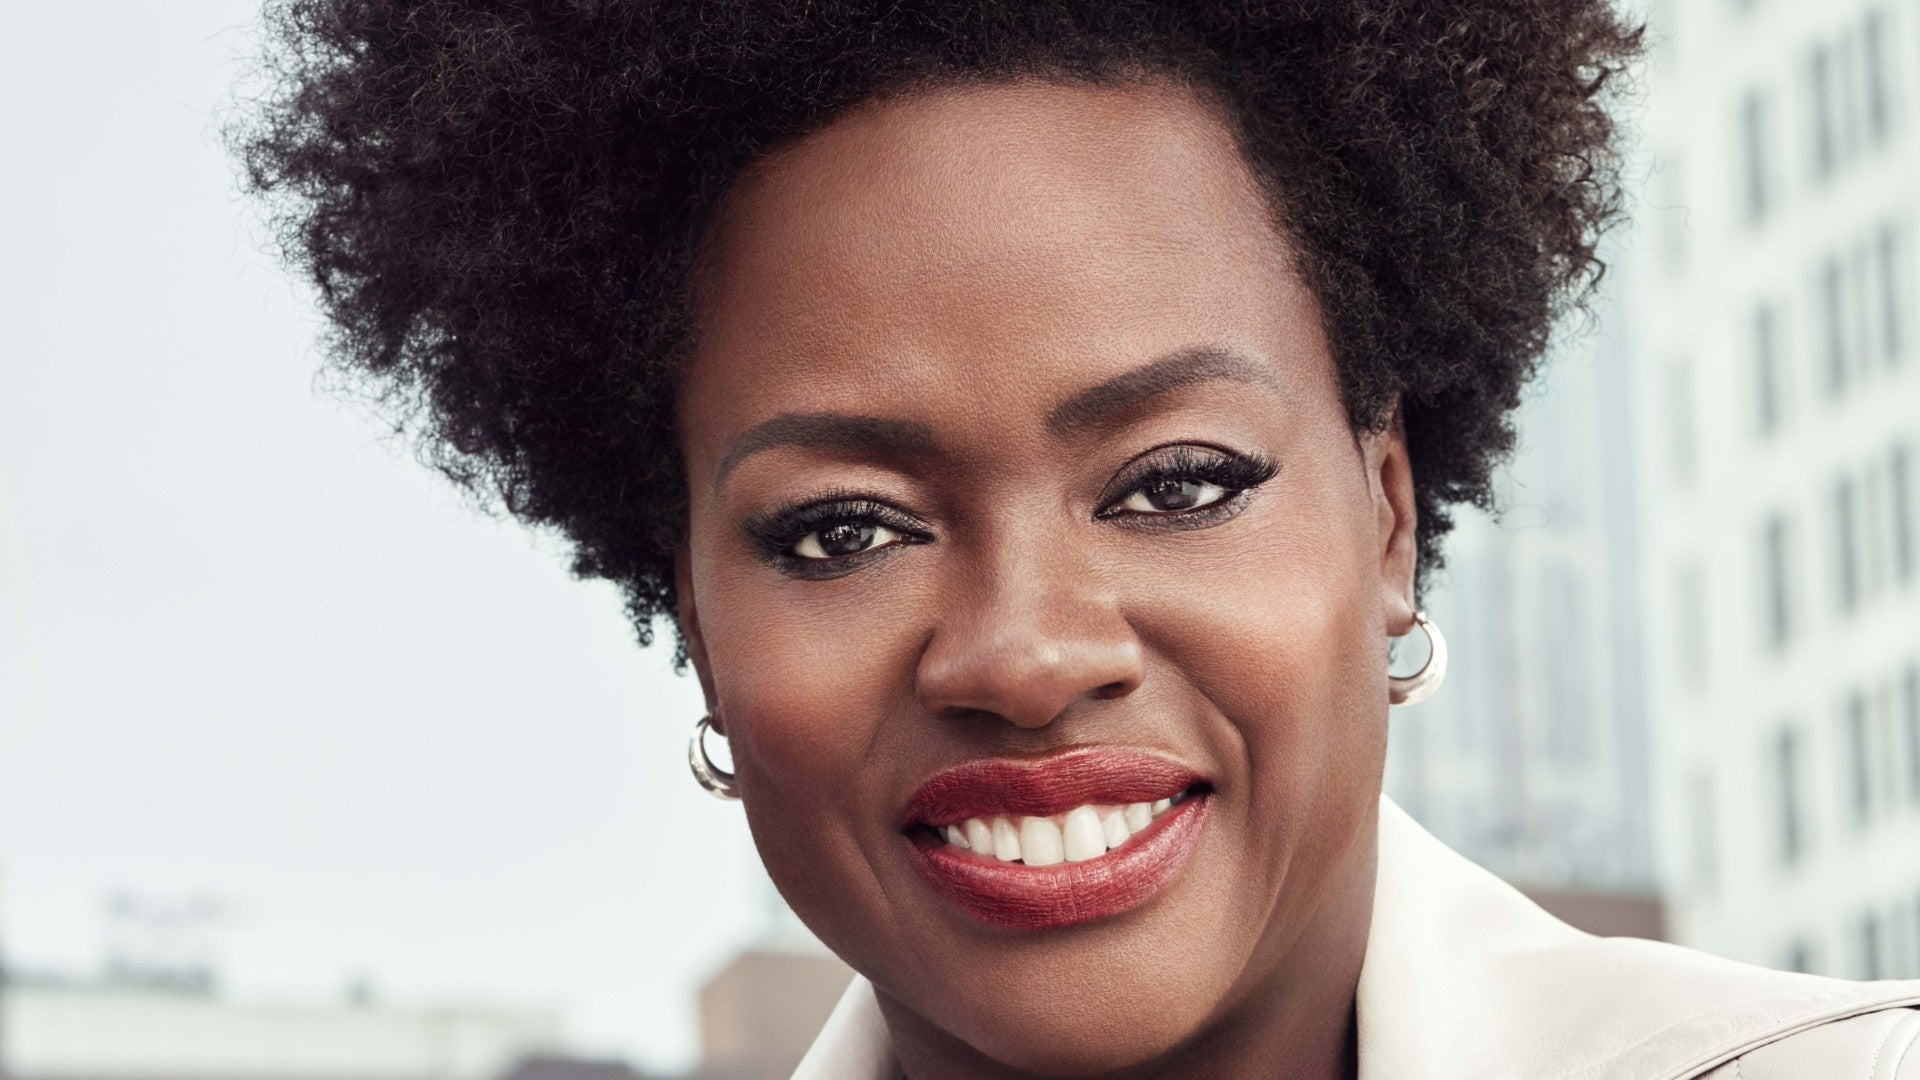 Viola Davis Is The Newest Face Of L'Oréal Paris